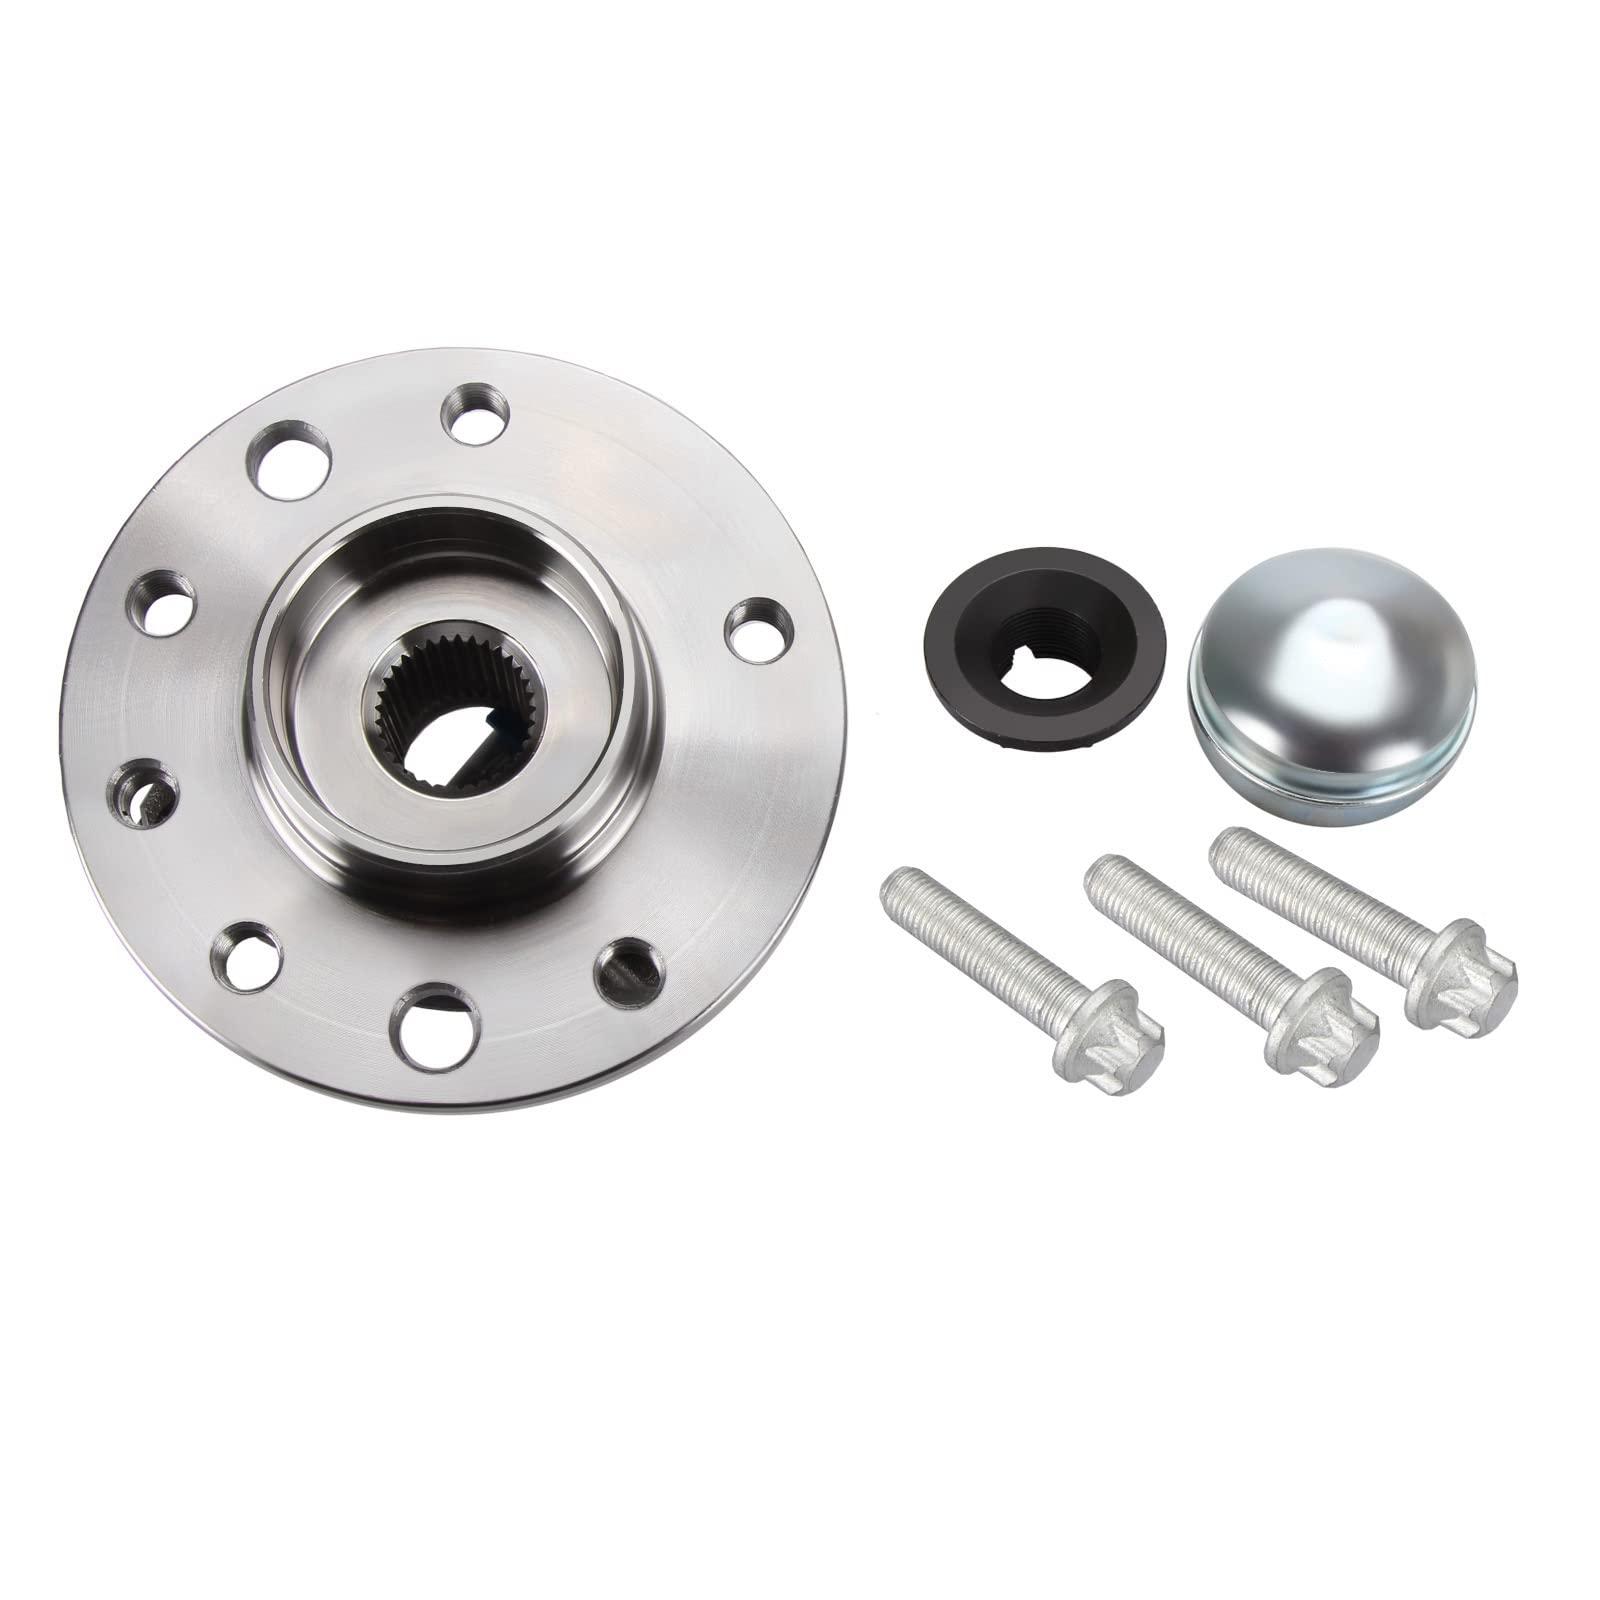 Madlife Garage 1T0498621 Radlagersatz Lagersatz Radnabe Radlager Satz A1 A3 Q3 TT Altea XL Leon Toledo III Octavia Superb